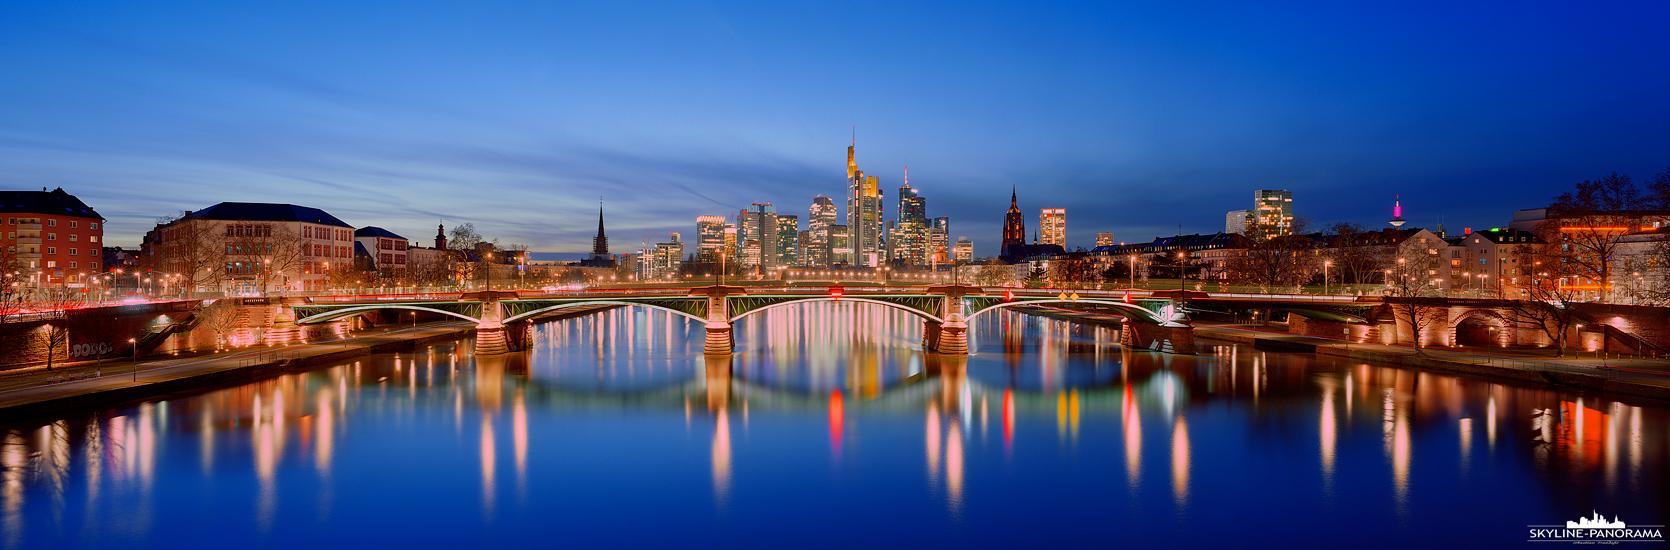 SKYLINE PANORAMA FRANKFURT - Die Skyline von Frankfurt am Main als Panorama auf Film festgehalten. Bei diesem Bild handelt es sich um eine Langzeitbelichtung, die ca. 7 Minuten andauerte und dabei die Stimmung zur Blauen Stunde und die zahlreichen Lichter der Stadt eingefangen hat.